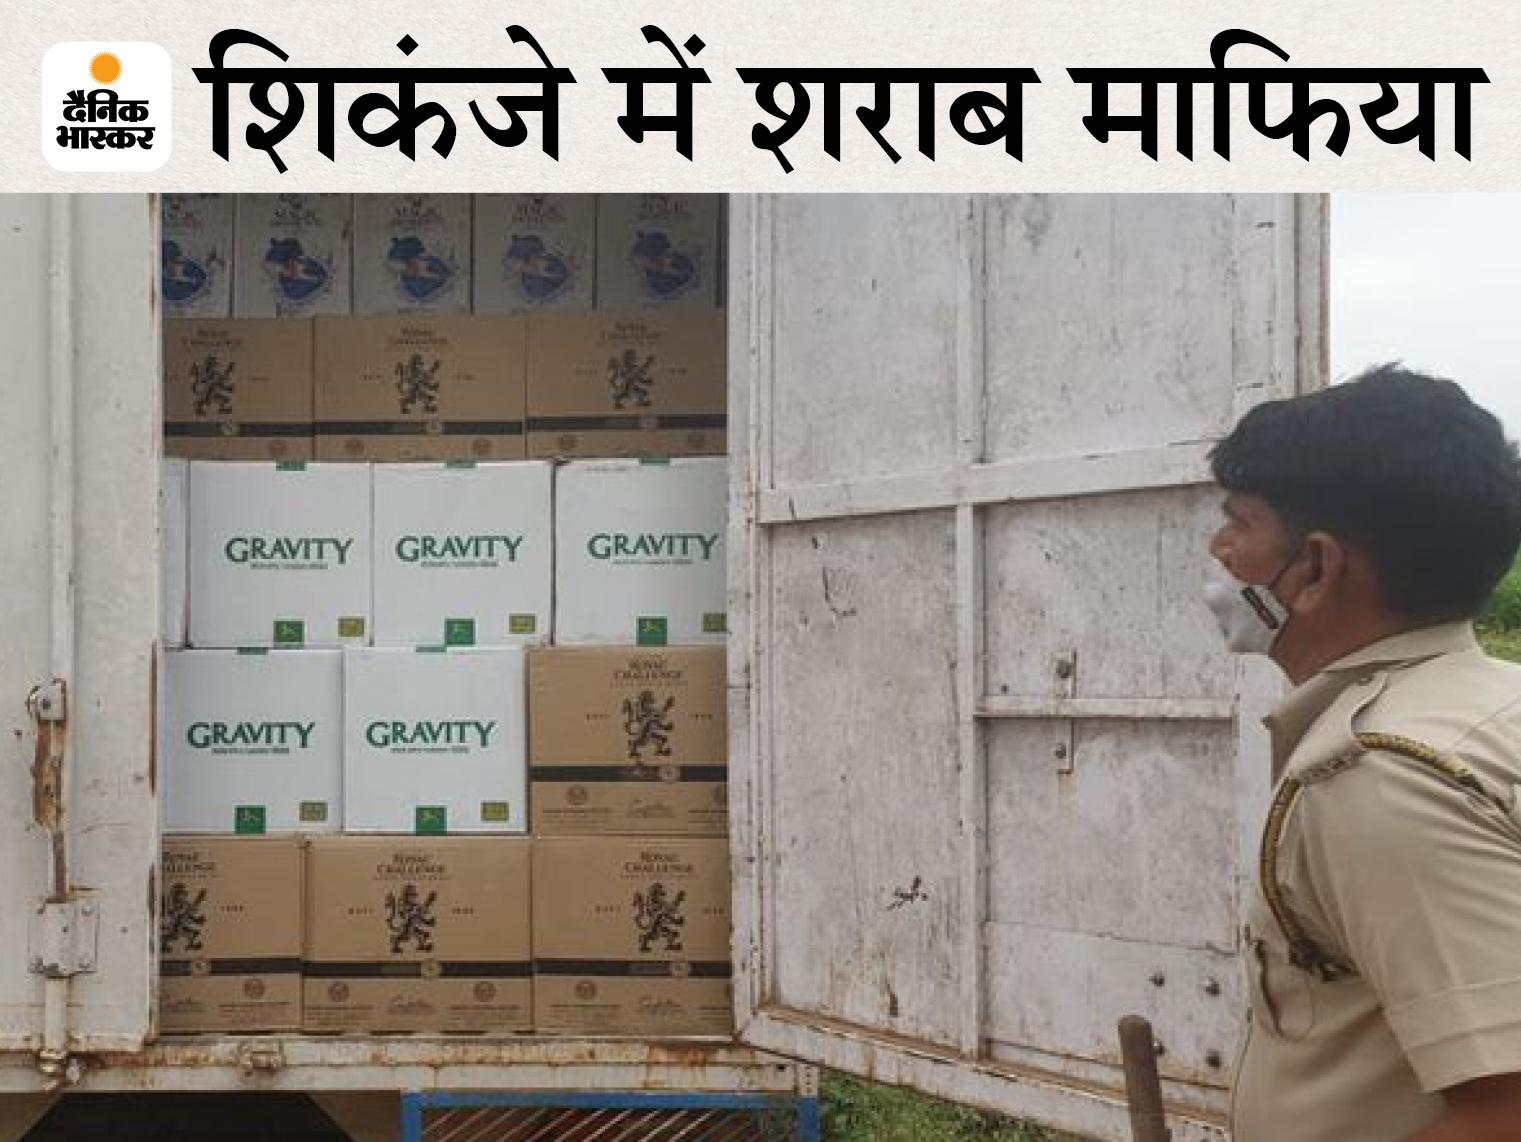 बीकानेर सहित 5 जिलों के आबकारी अधिकारियों की टीम जुटी, 5 मिनी ट्रक और 8 लग्जरी गाड़ियों से सीमा पार 1200 पेटी भेजने की थी तैयारी|पाली,Pali - Dainik Bhaskar